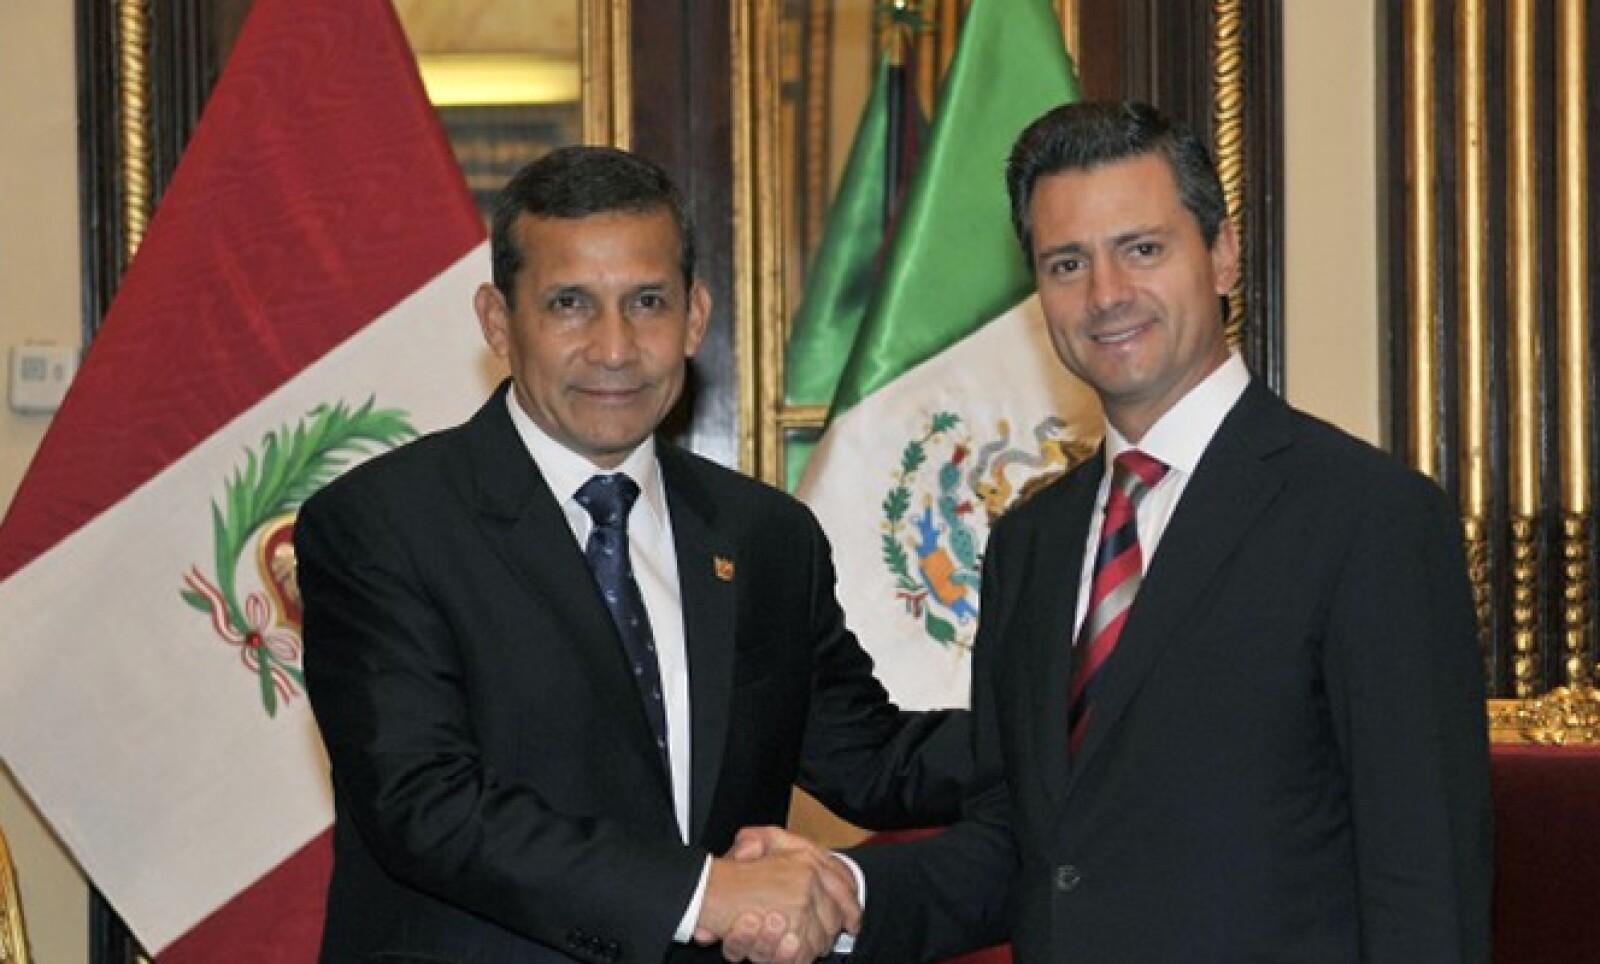 El 24 de abril, el presidente se reunió con su homólogo peruano Ollanta Humala Tasso y participó en el  Foro Económico Mundial en su versión para América Latina.